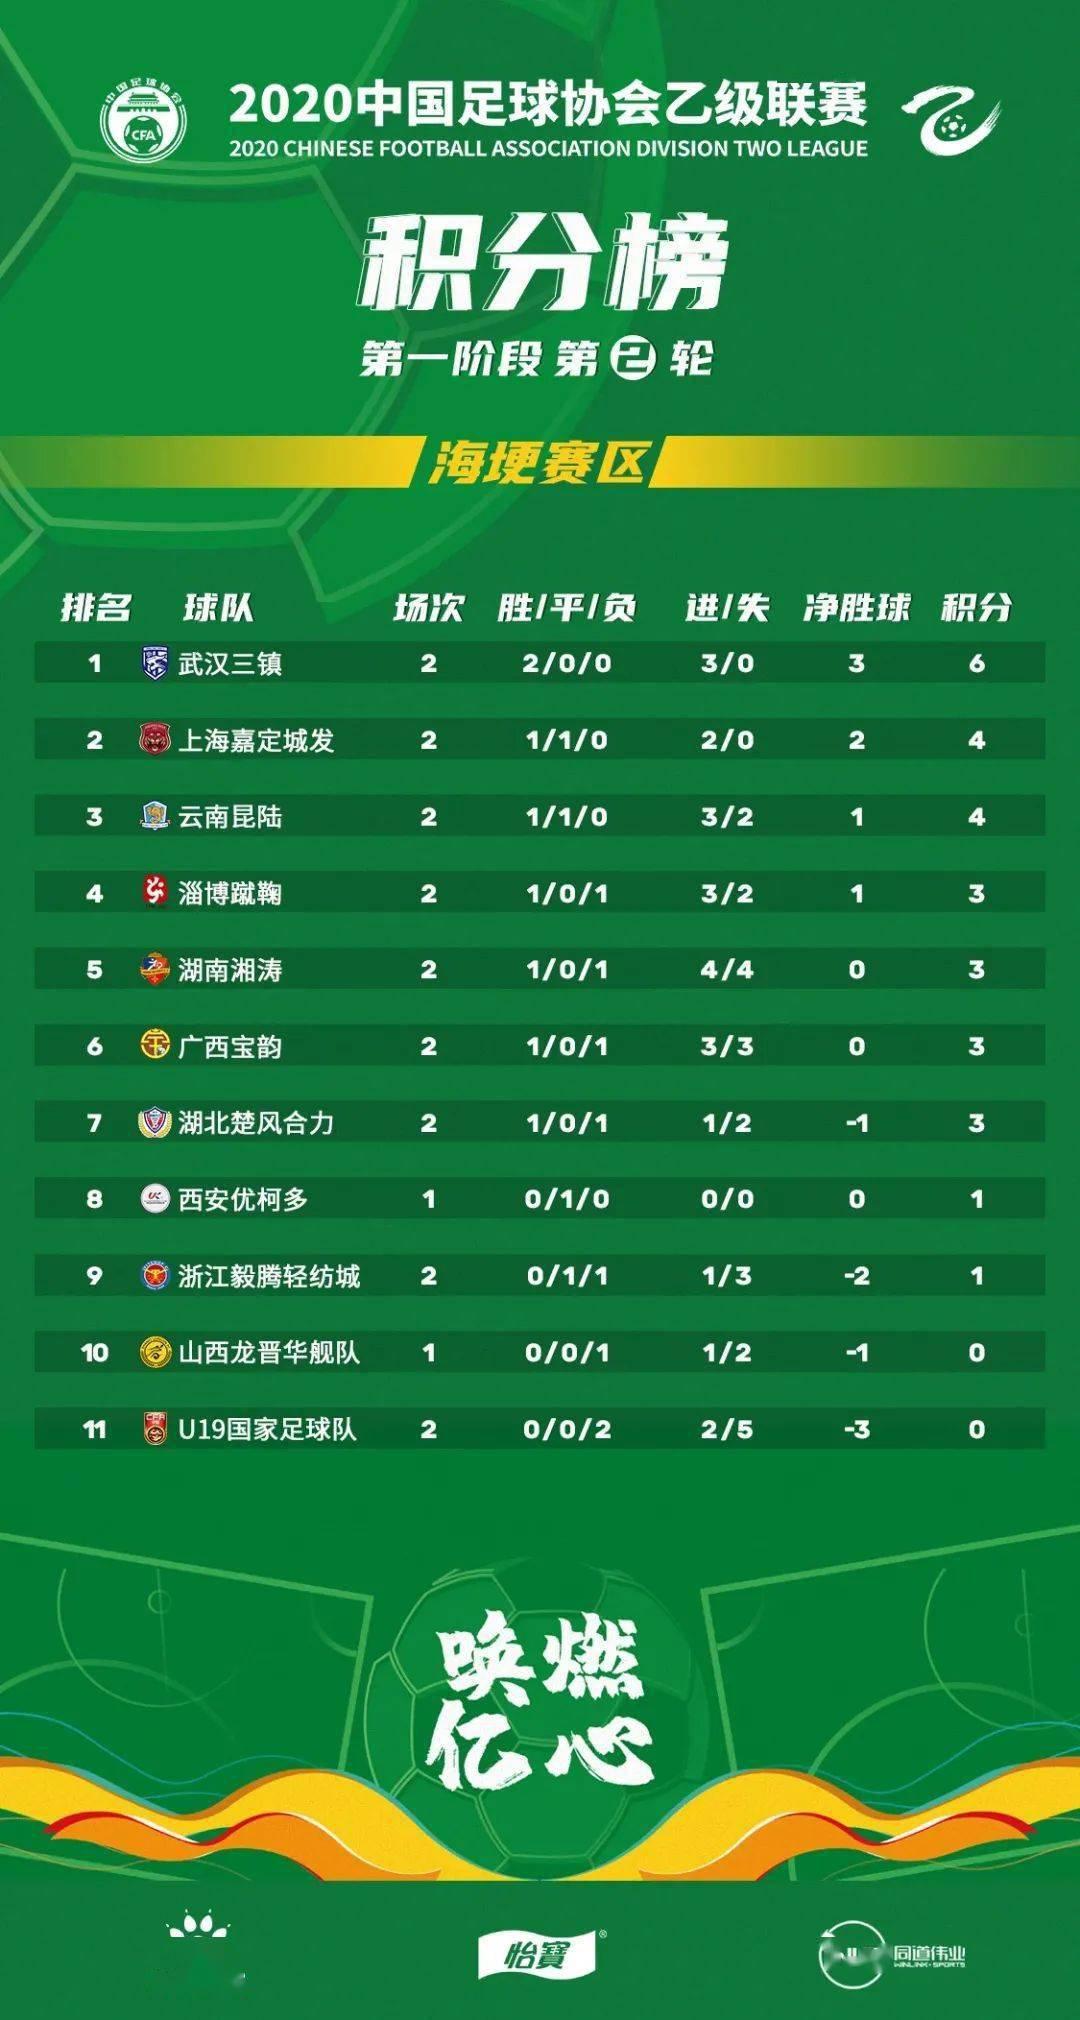 yobo体育app官网- 中乙联赛第二轮积分榜及射手榜(图2)